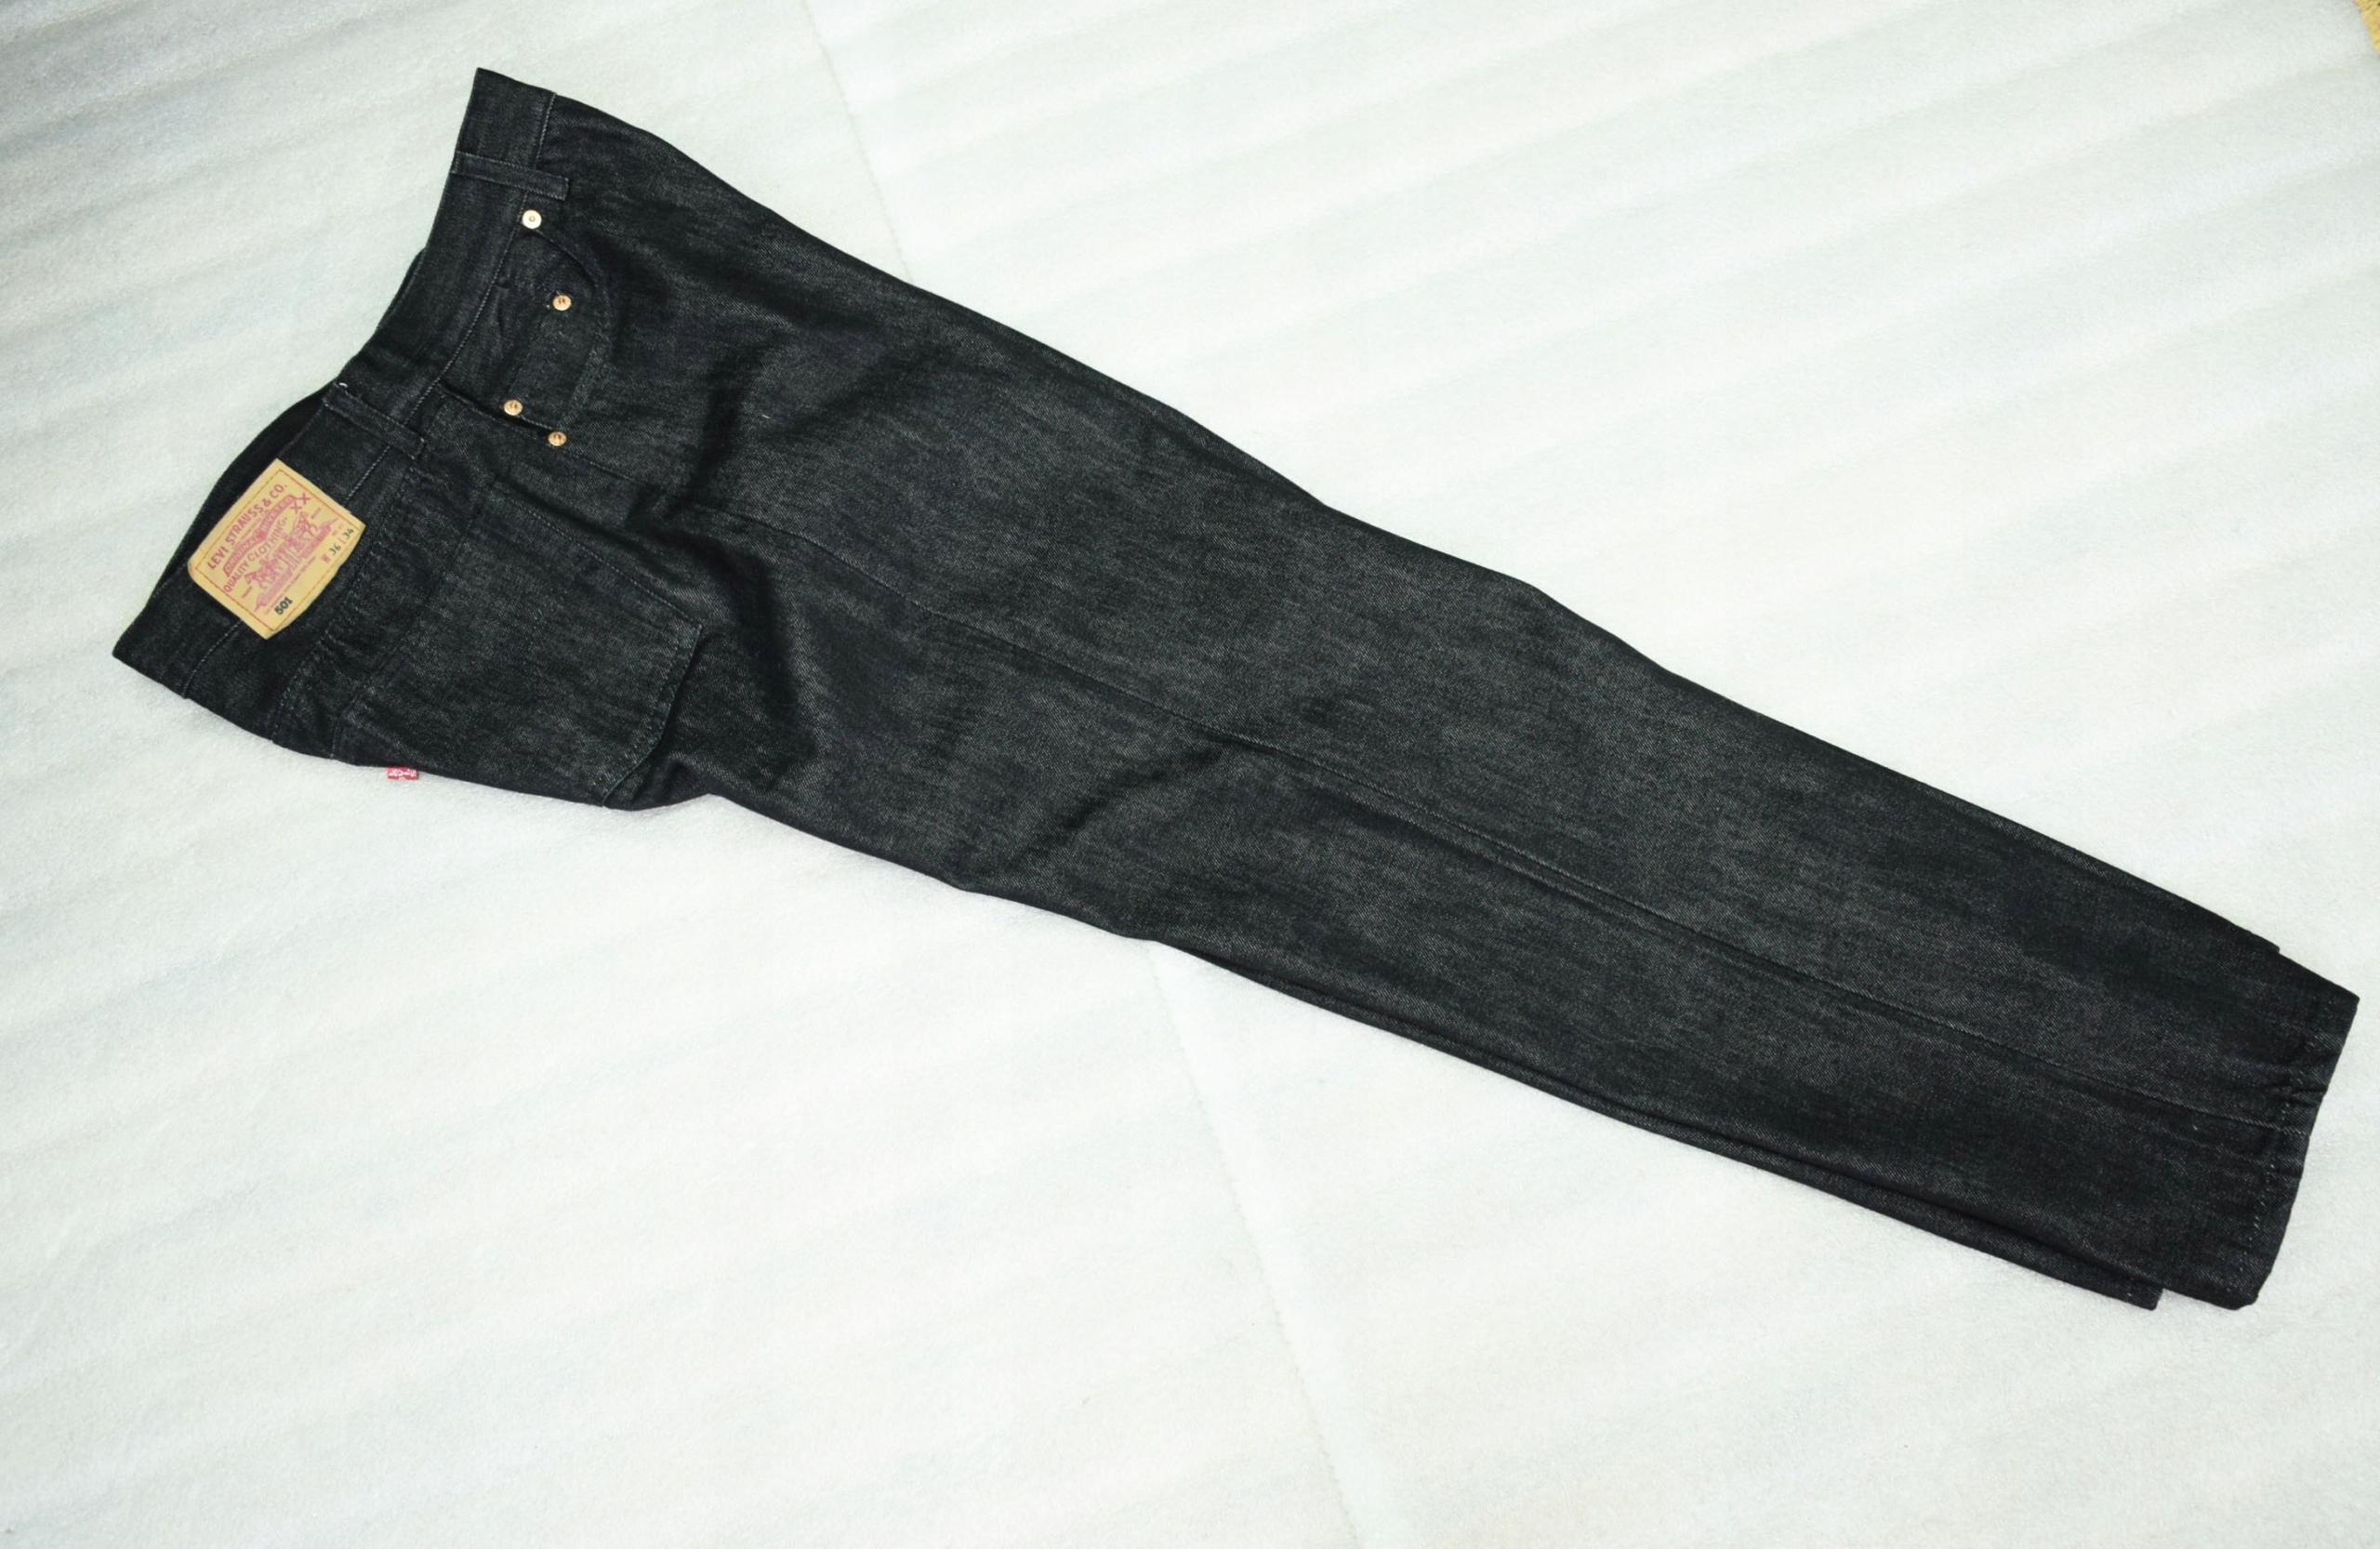 Spodnie Jeans LEVI'S LEVI STRAUSS 501 36/34